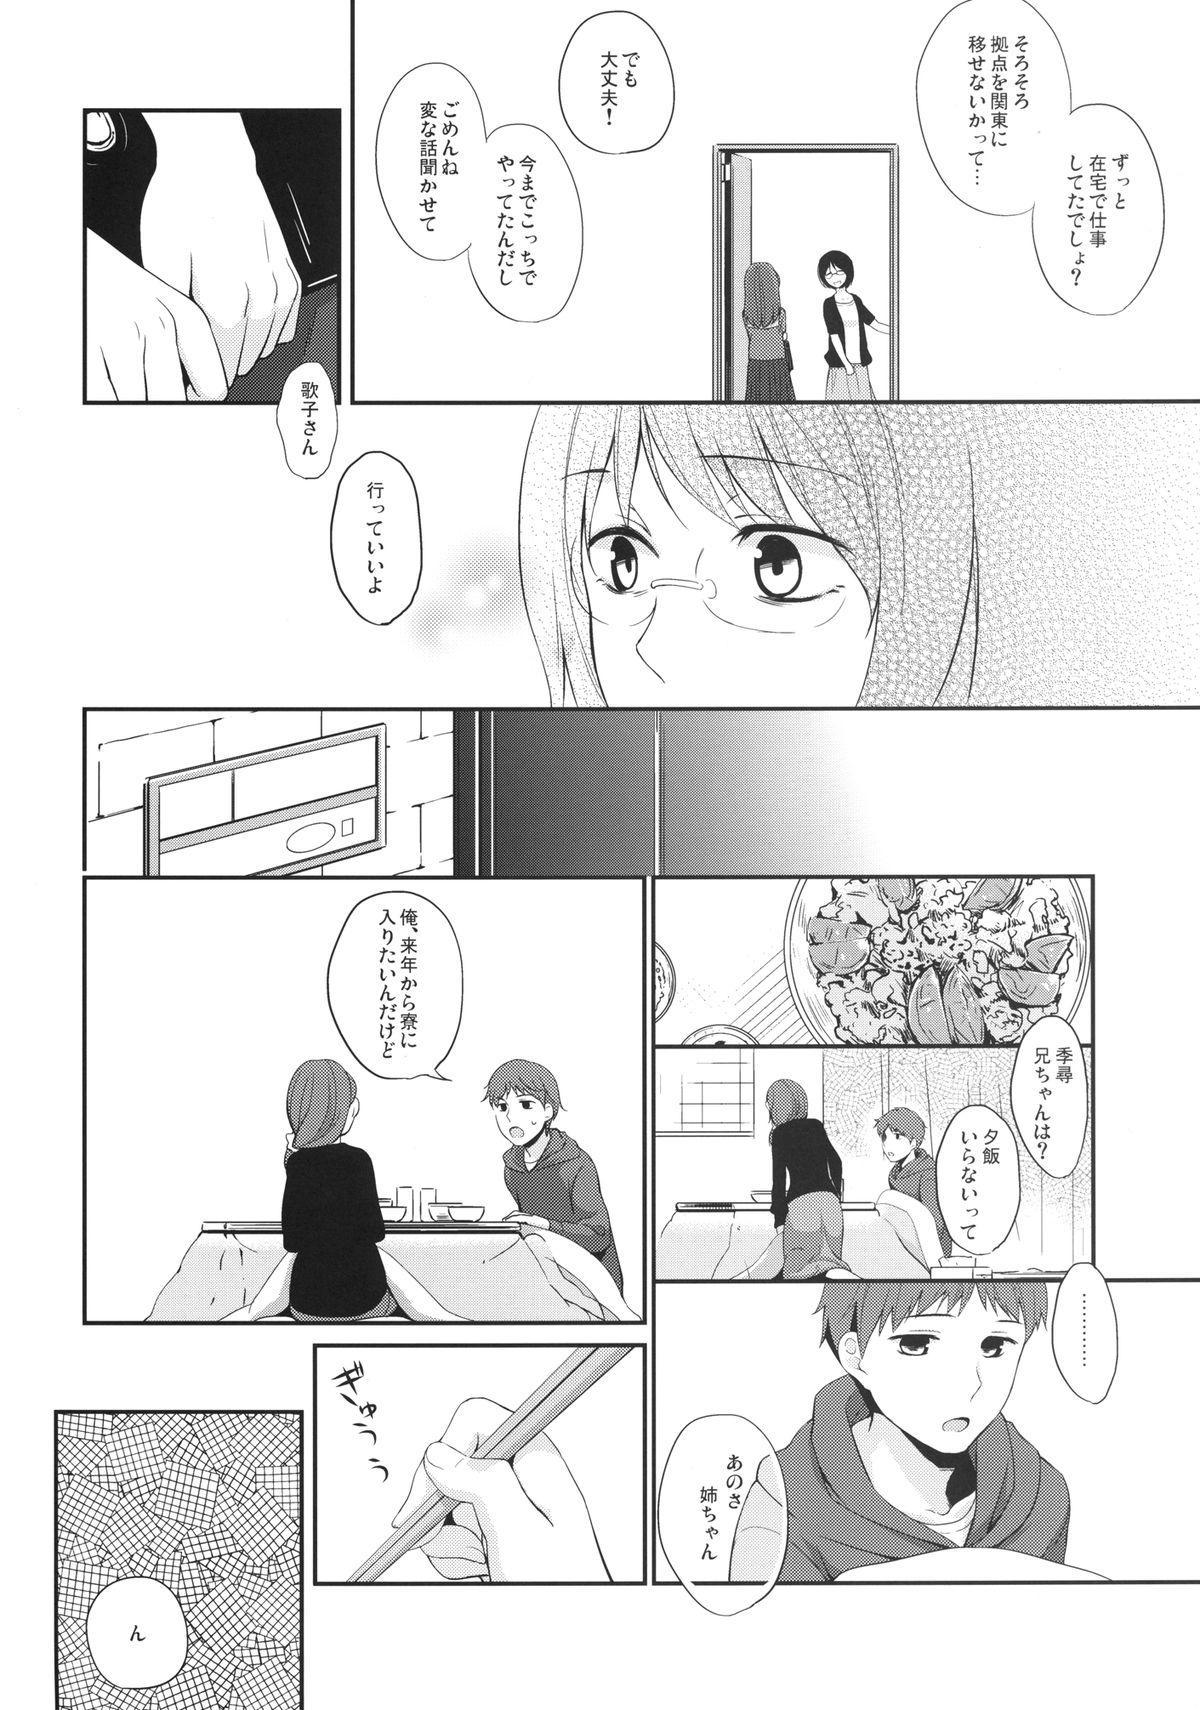 Kanojo no Pet Jinsei 4 3